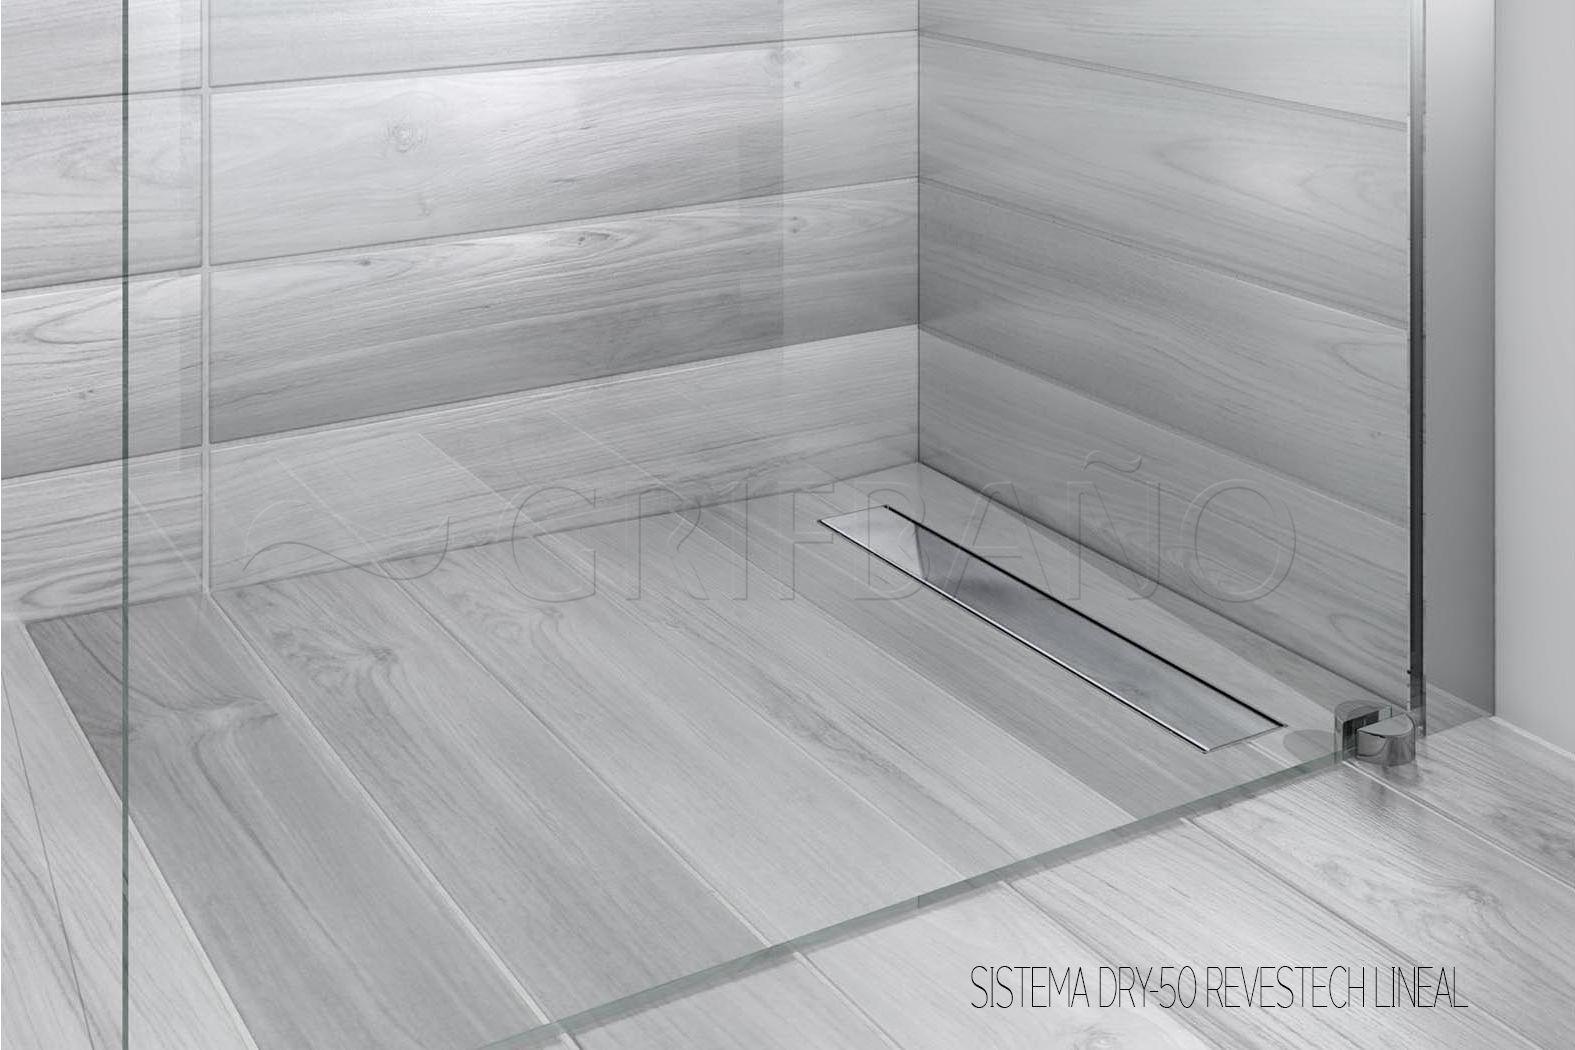 Plato ducha obra rejillas lineales remodelaci n en 2019 duchas platos de ducha y filtracion - Plato de ducha de obra ...